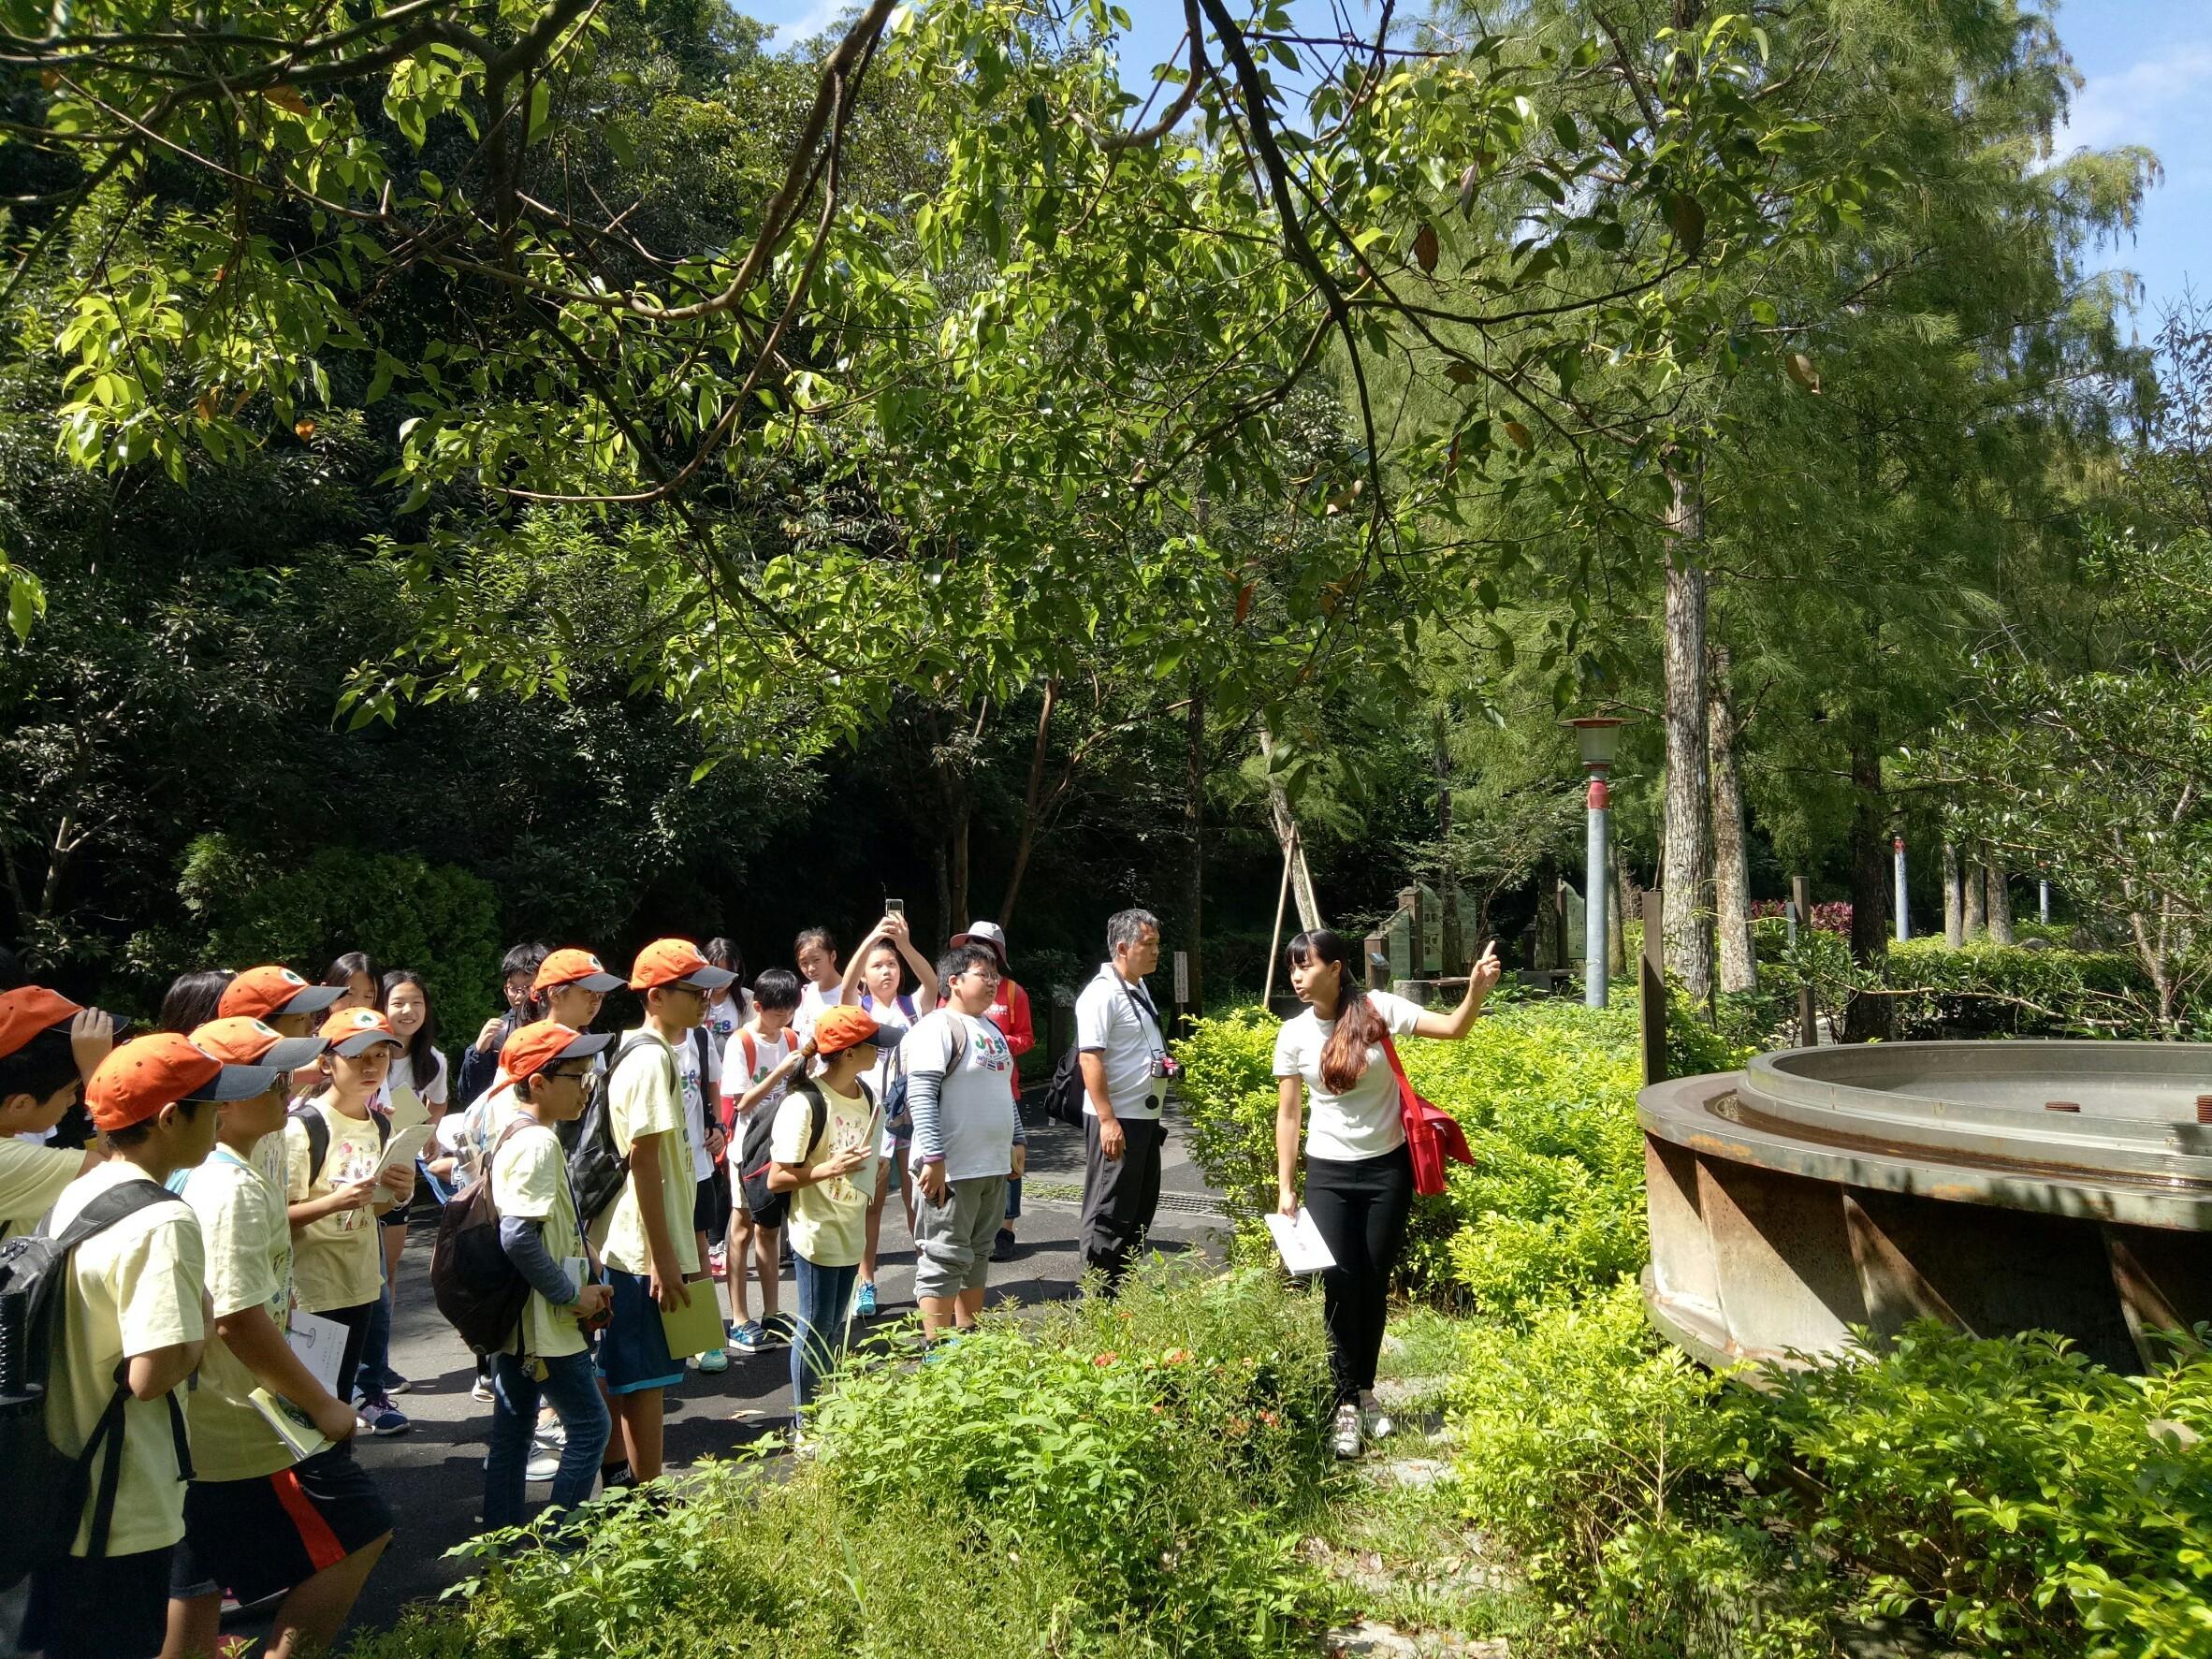 走訪桂山電廠入口處的水輪機展示公園 老師現場解說水流推動水輪機發電的原理